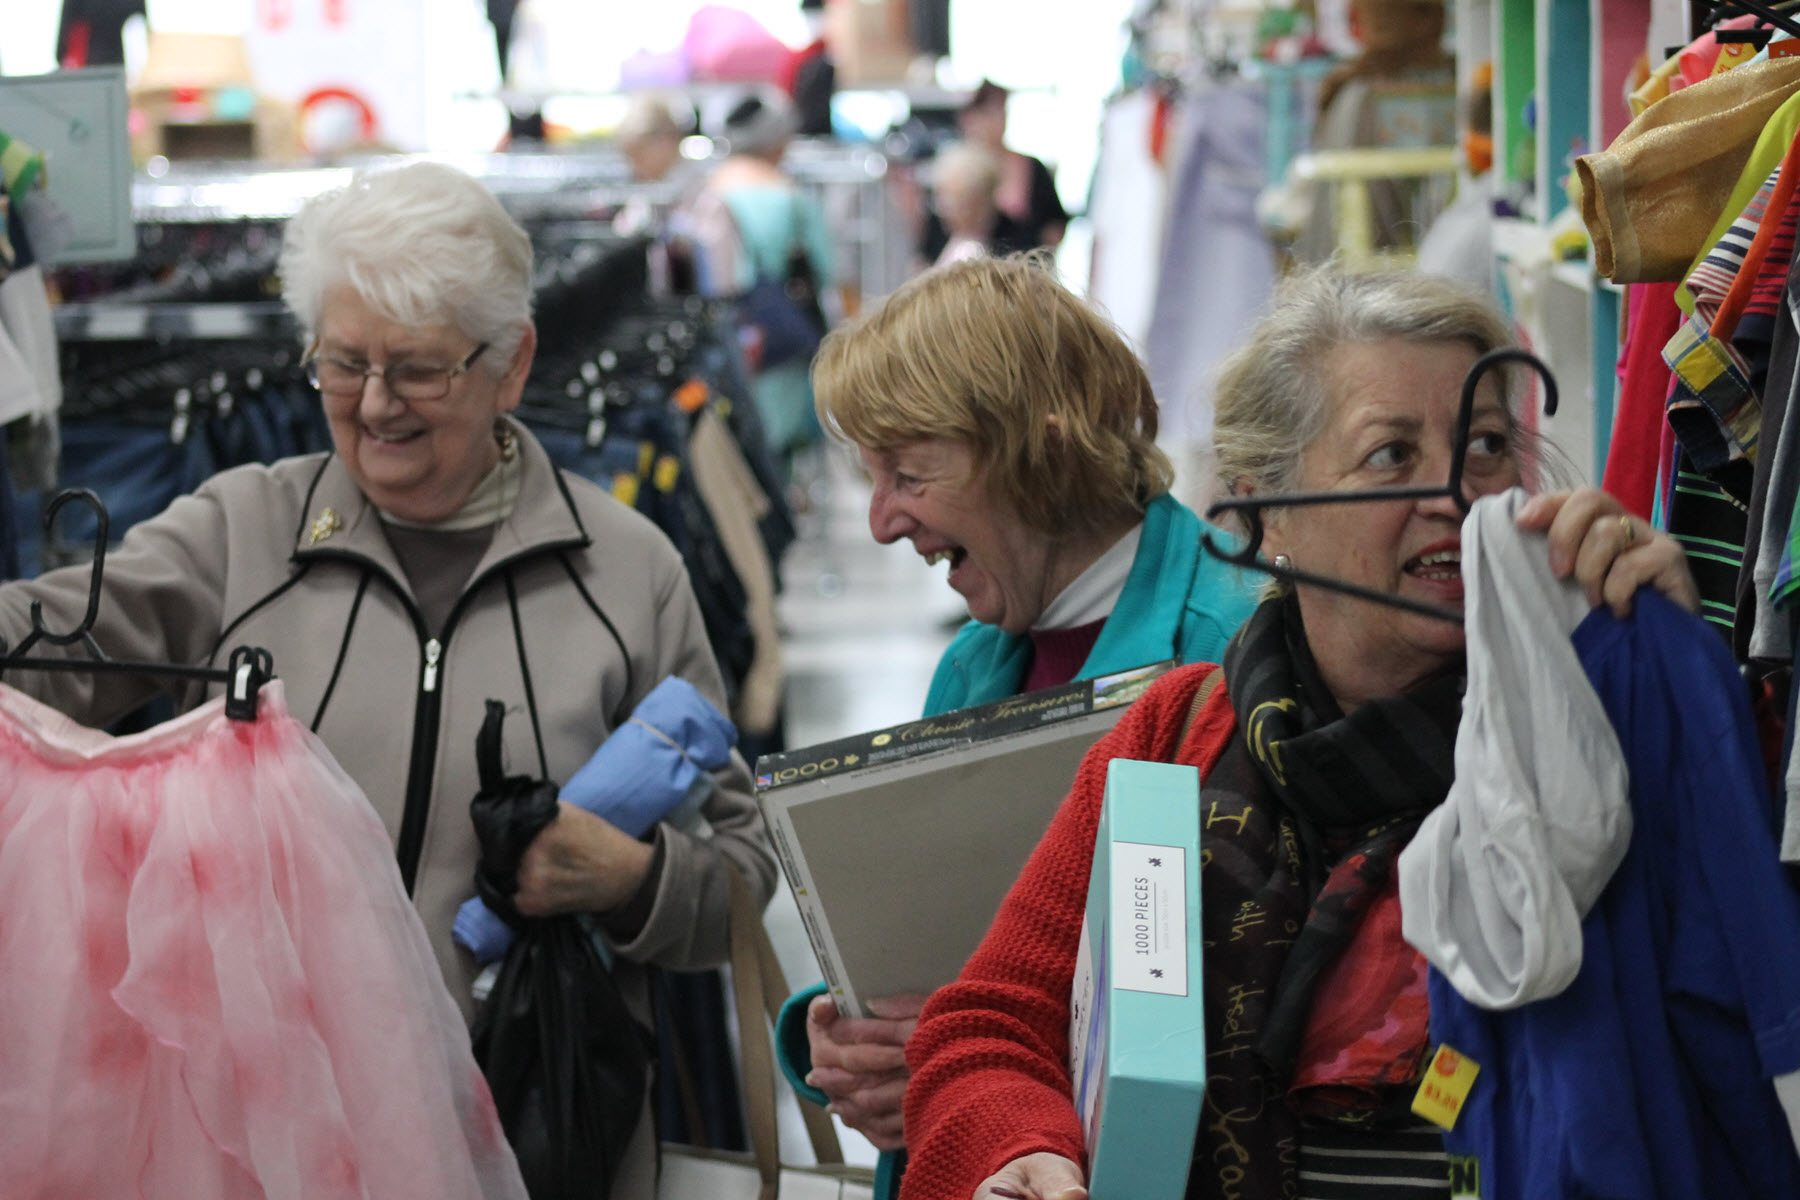 women op shopping